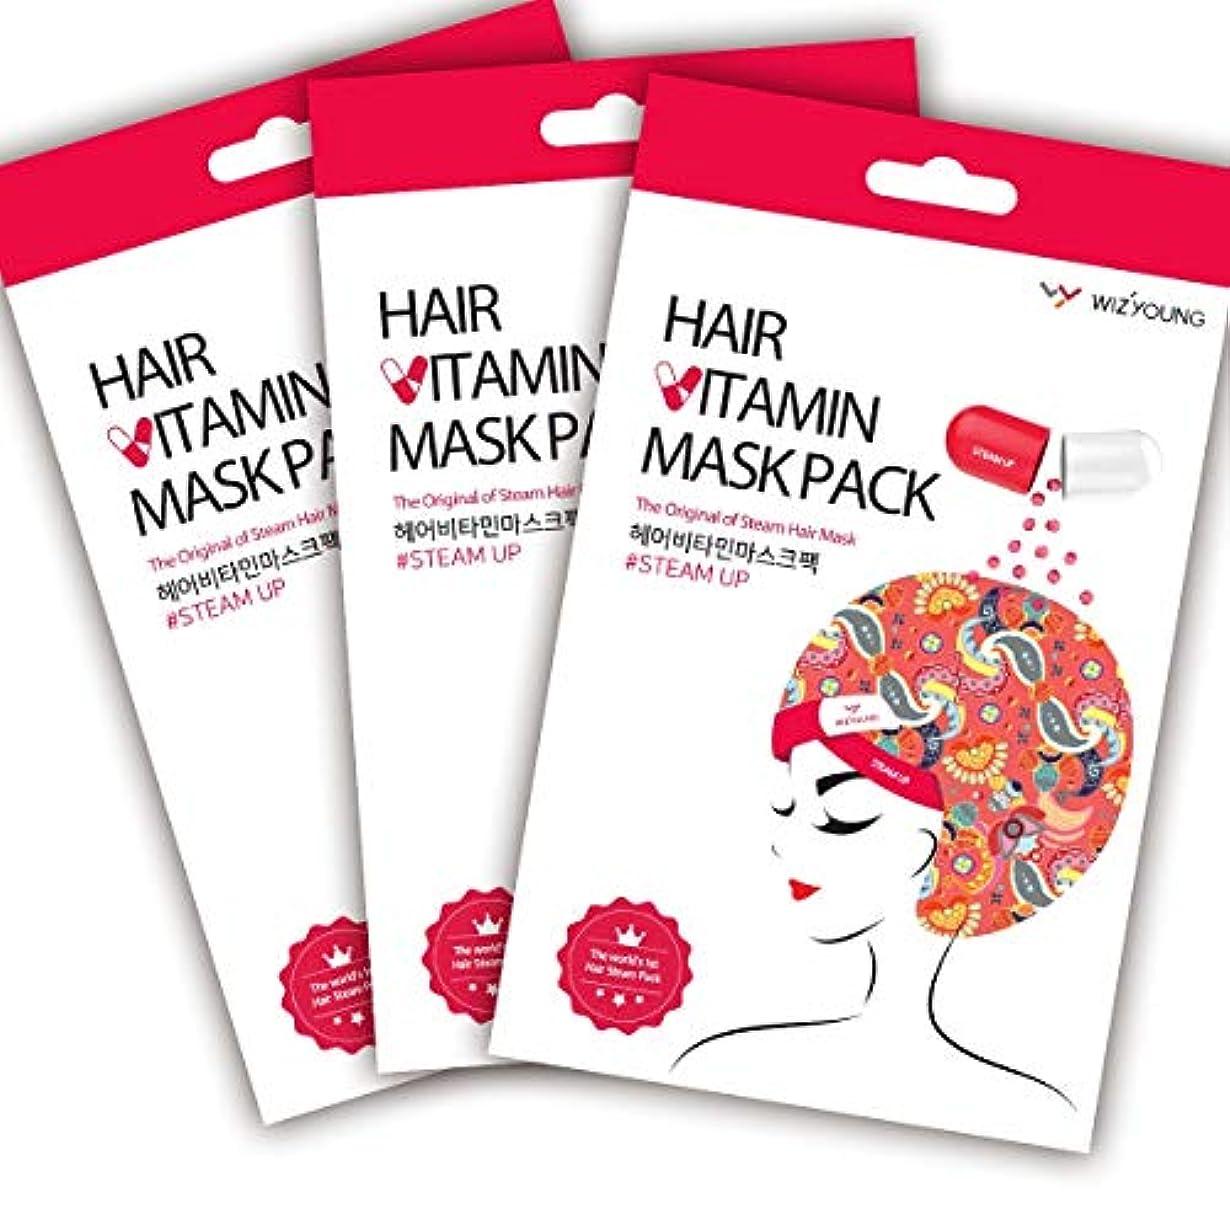 ぴったりドアティッシュヘアビタミンマスクパック スチームアップ 3パックセット HAIR VITAMIN MASK PACK STEAM UP